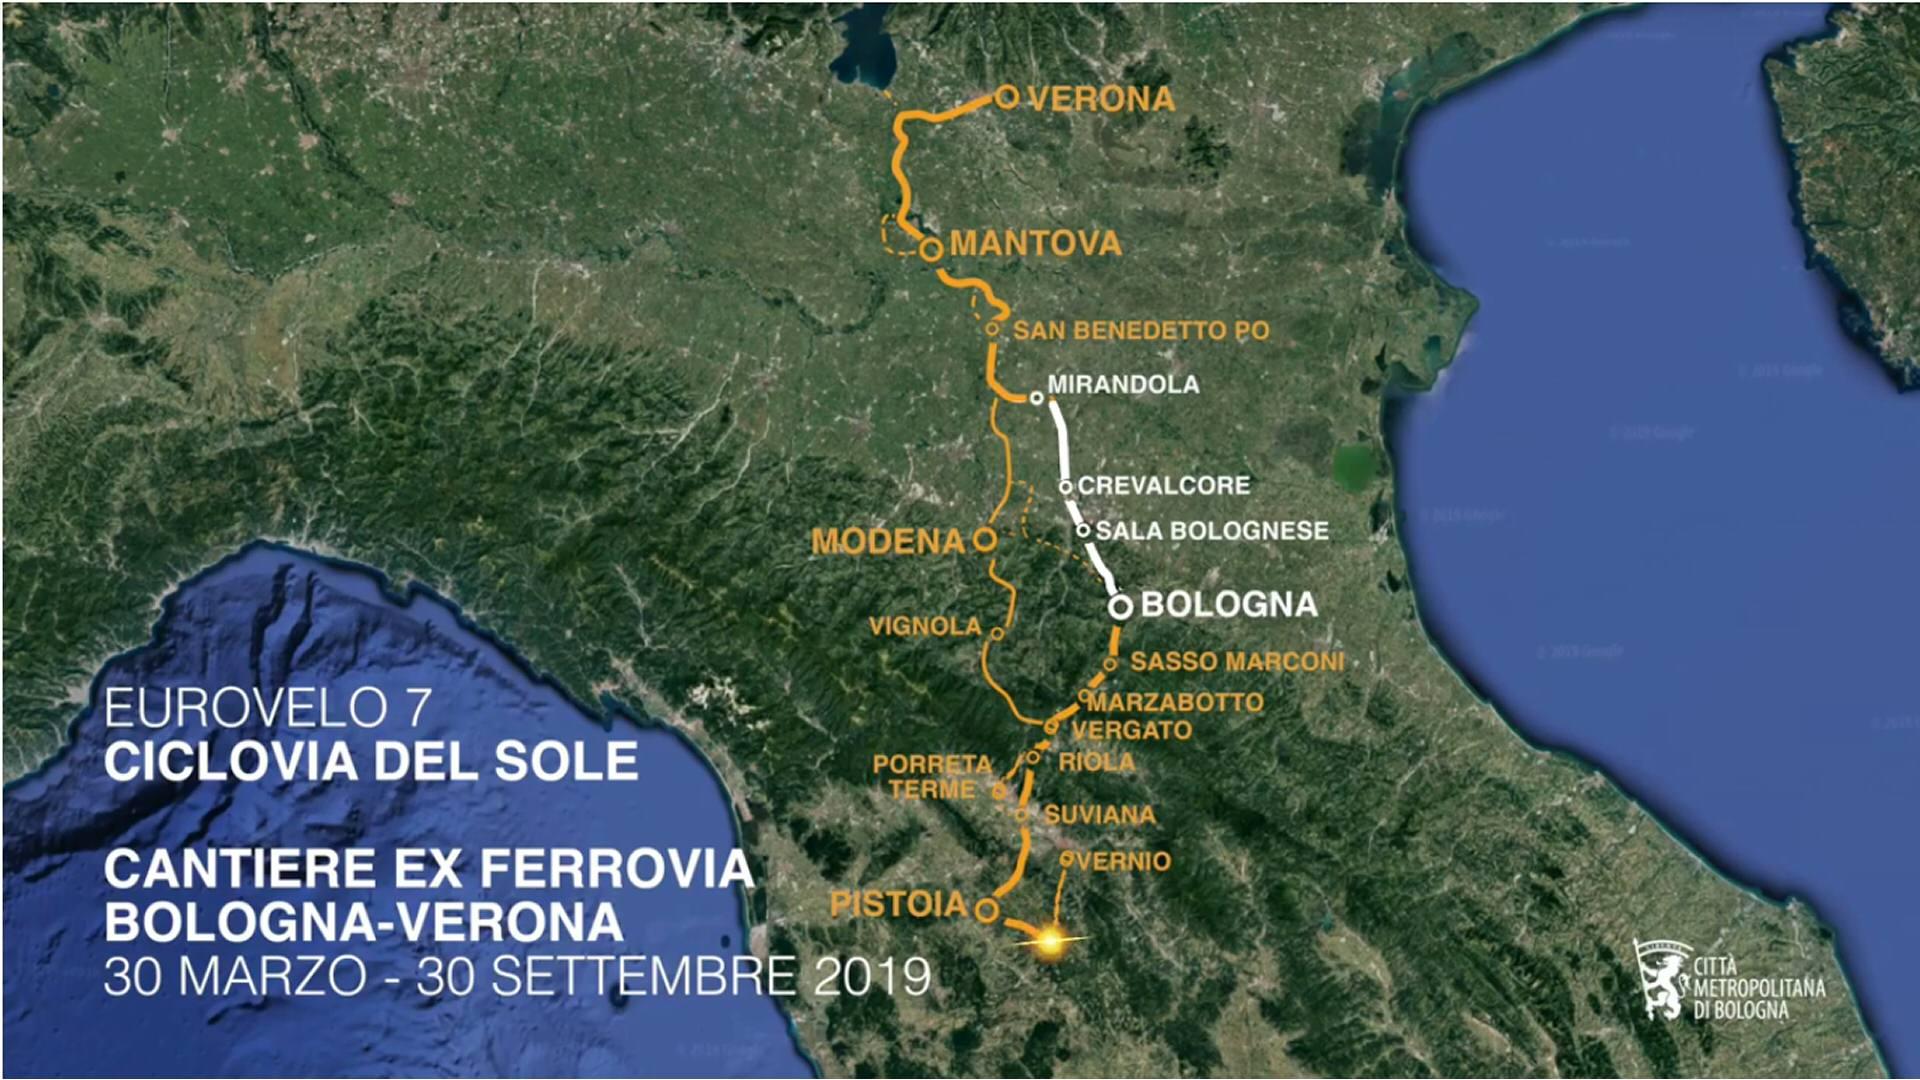 Ciclovia del Sole: a 6 mesi dall'avvio il punto sul cantiere dell'ex ferrovia Bologna-Verona